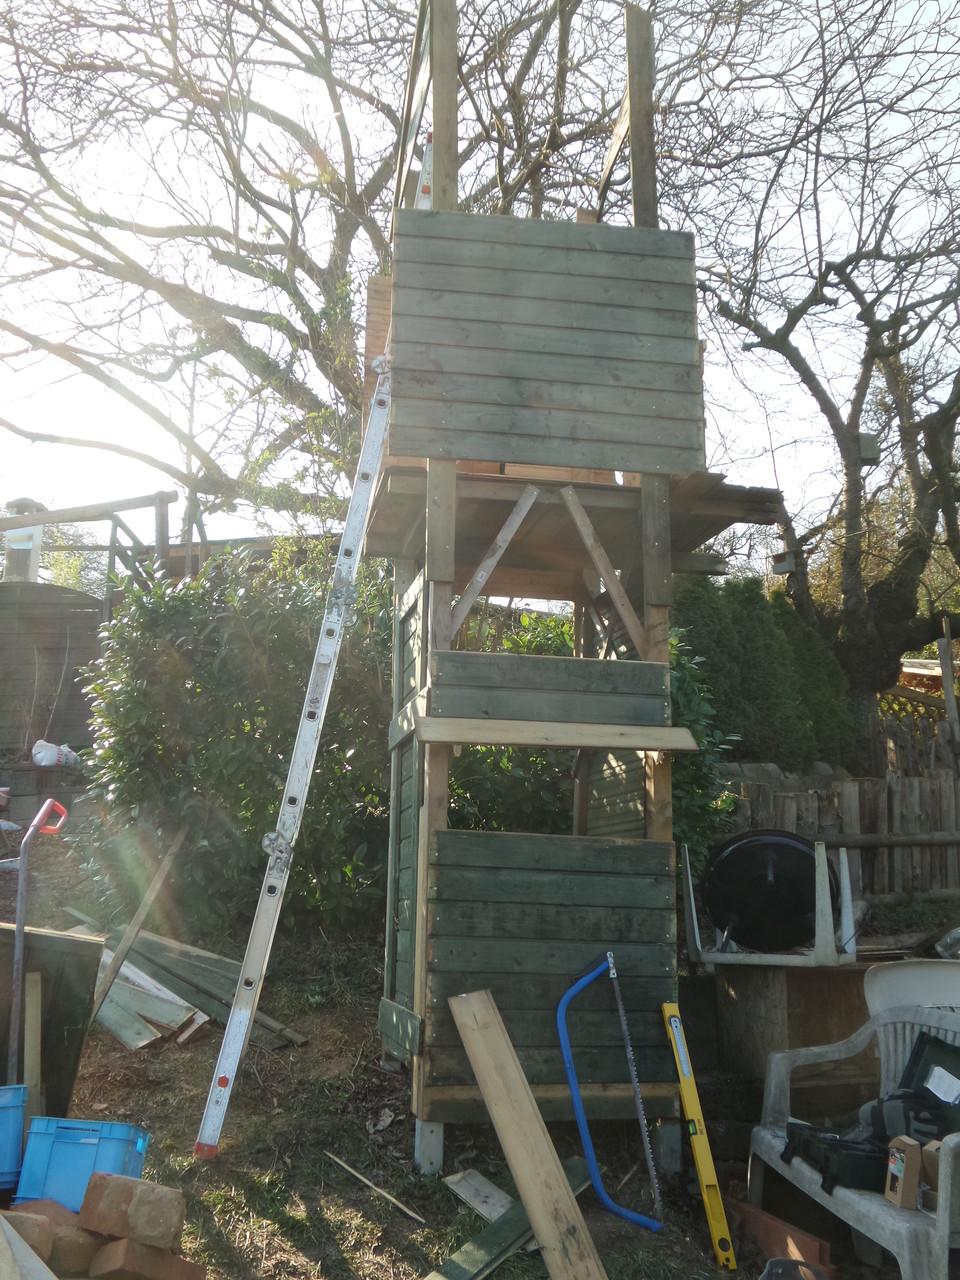 2 Giebelteile fürs Dach, erster Test ob es hält ... lieber noch ein paar Schrauben zusätzlich.